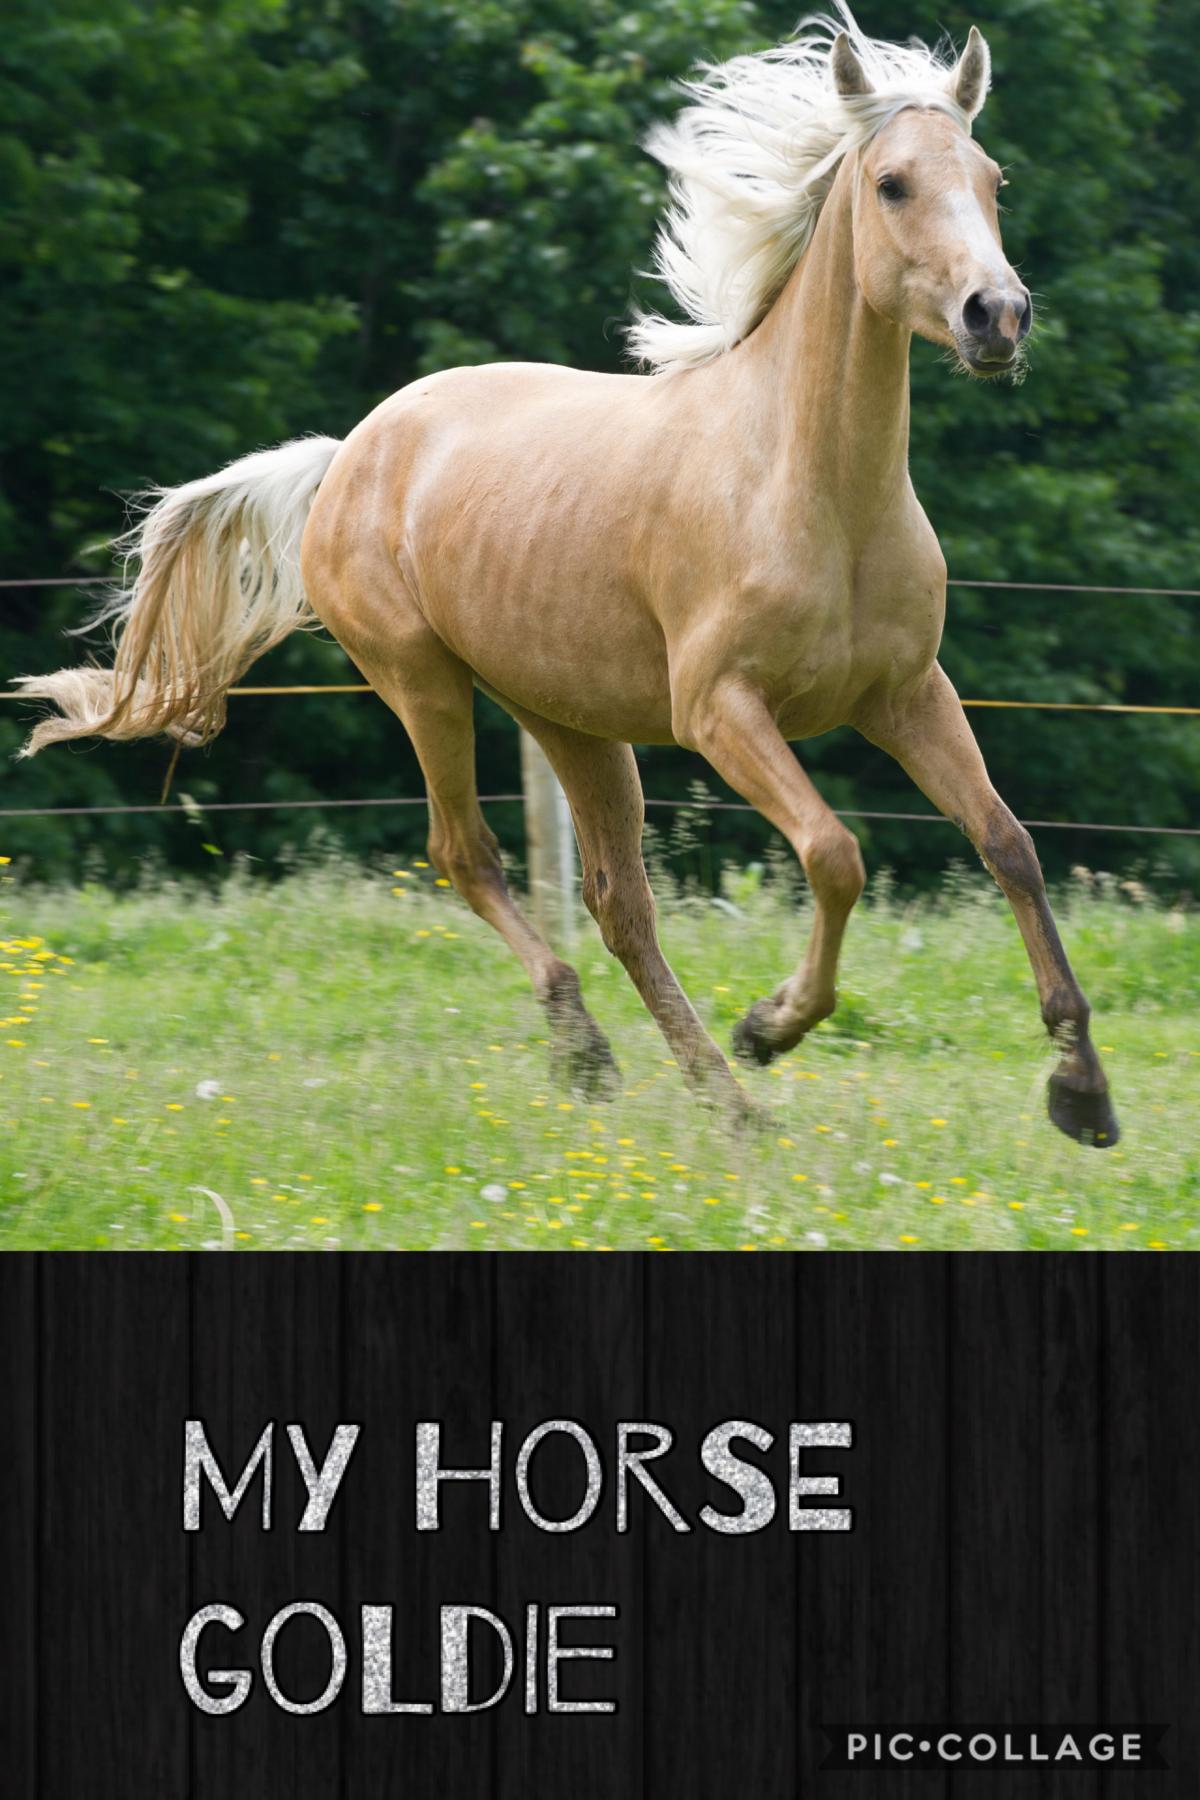 My horse Goldie